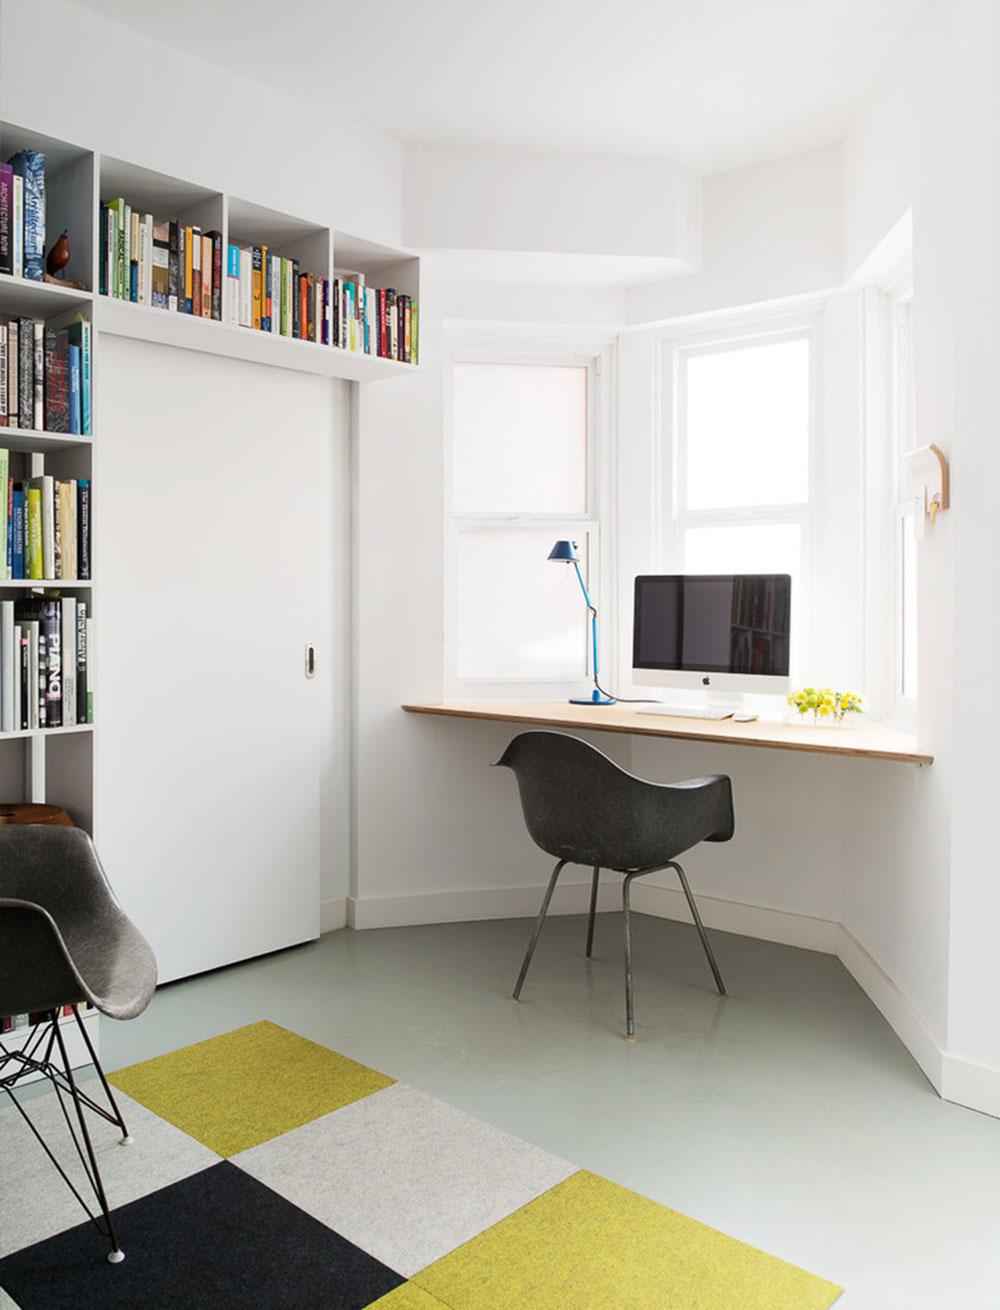 Diy-wall-desk-for-a-pleasant-job11 DIY wall-mounted desk design ideas